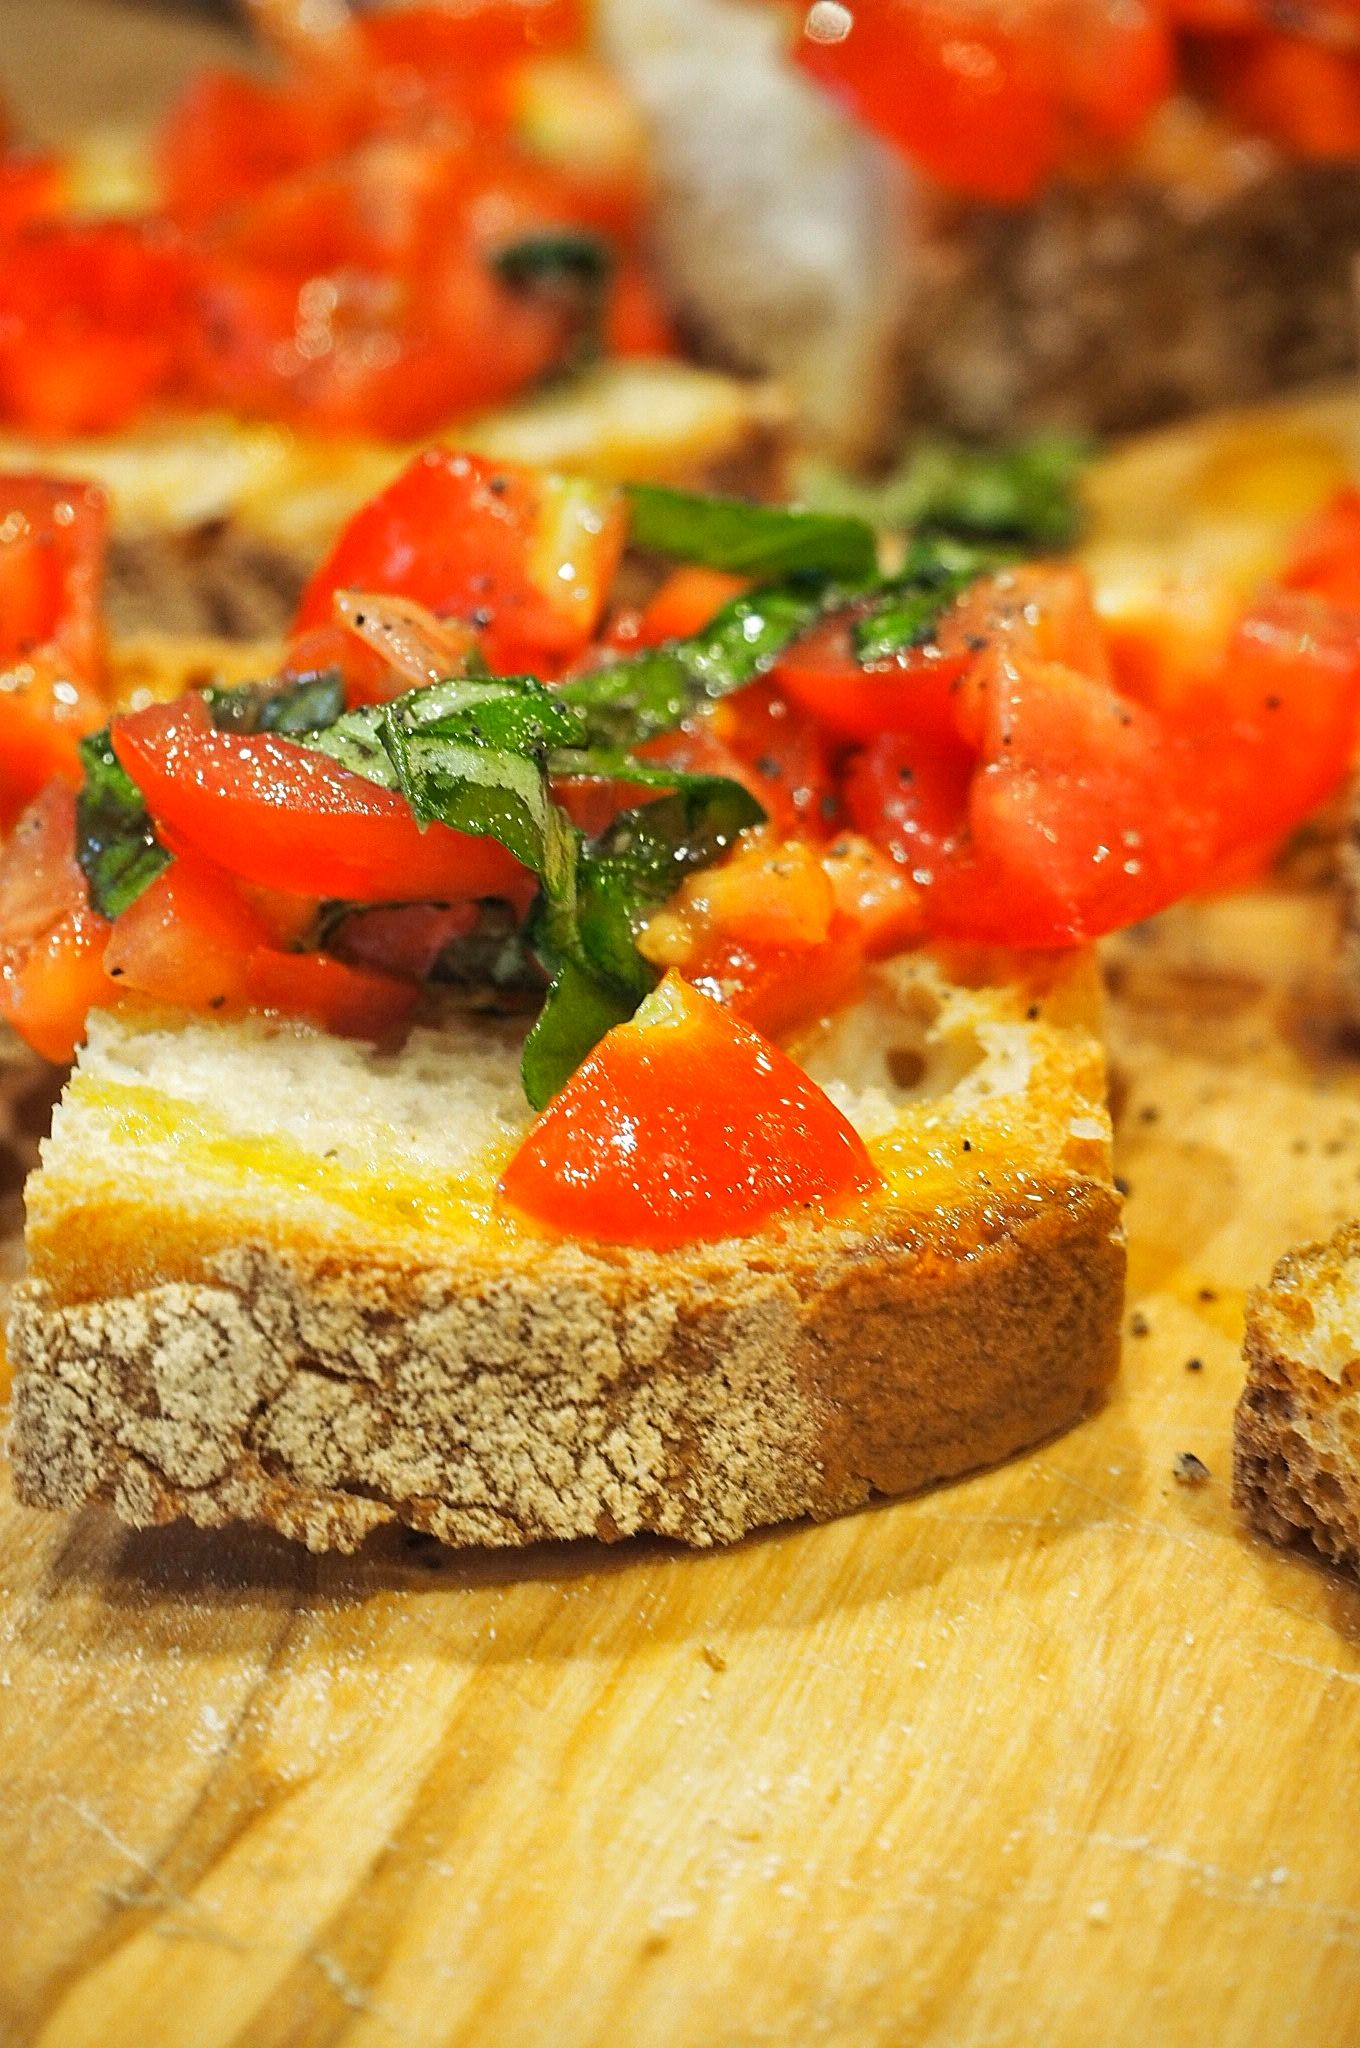 Italian tomato bruschetta antipasti